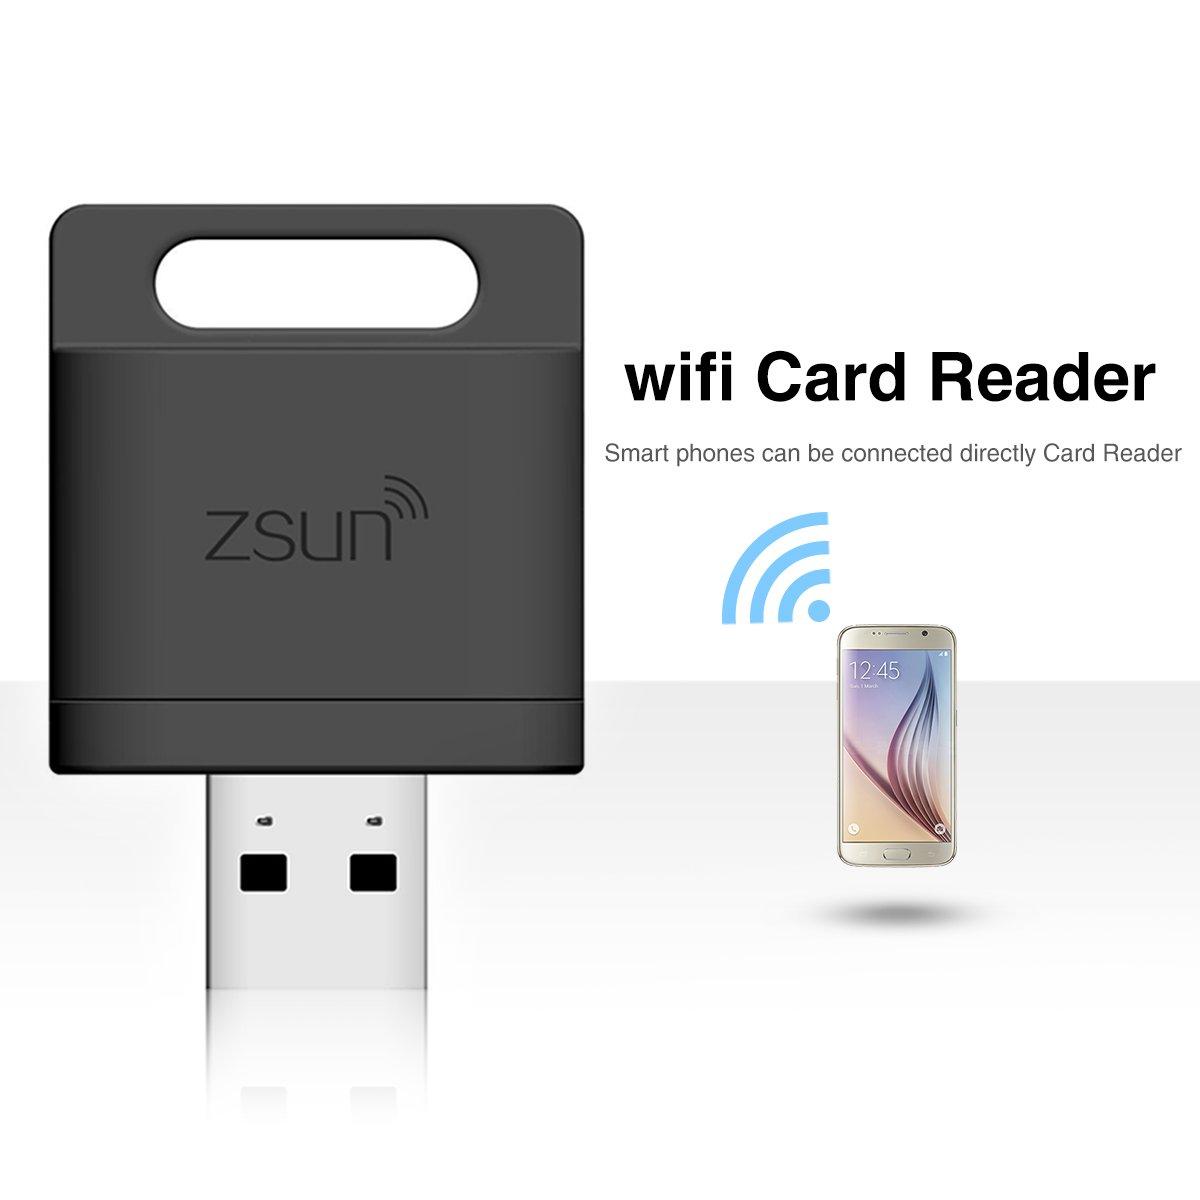 zsun lector de tarjetas WIFI Extensor de memoria flash drive de almacenamiento para iOS, Android y Windows de expansión de inalámbrica sistema negro negro: ...